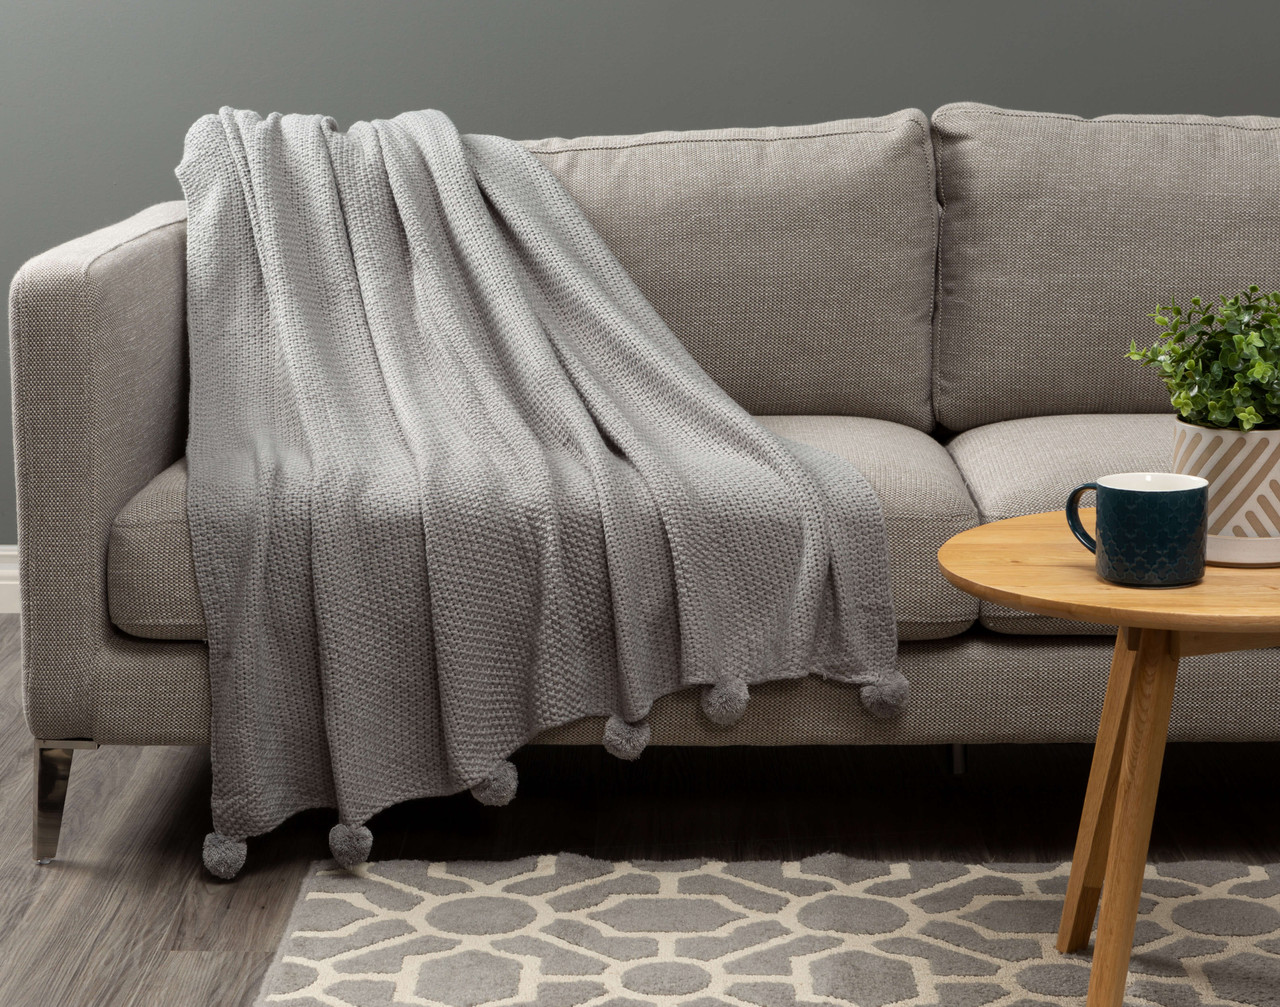 Pom-Pom Knit Throw in Sleet, a soft grey.